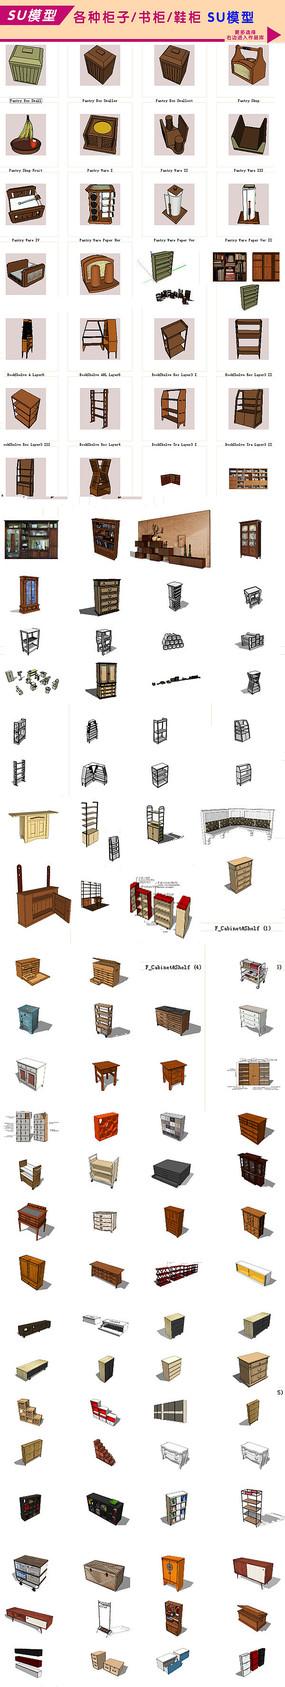 书柜 鞋柜 各种柜子模型设计